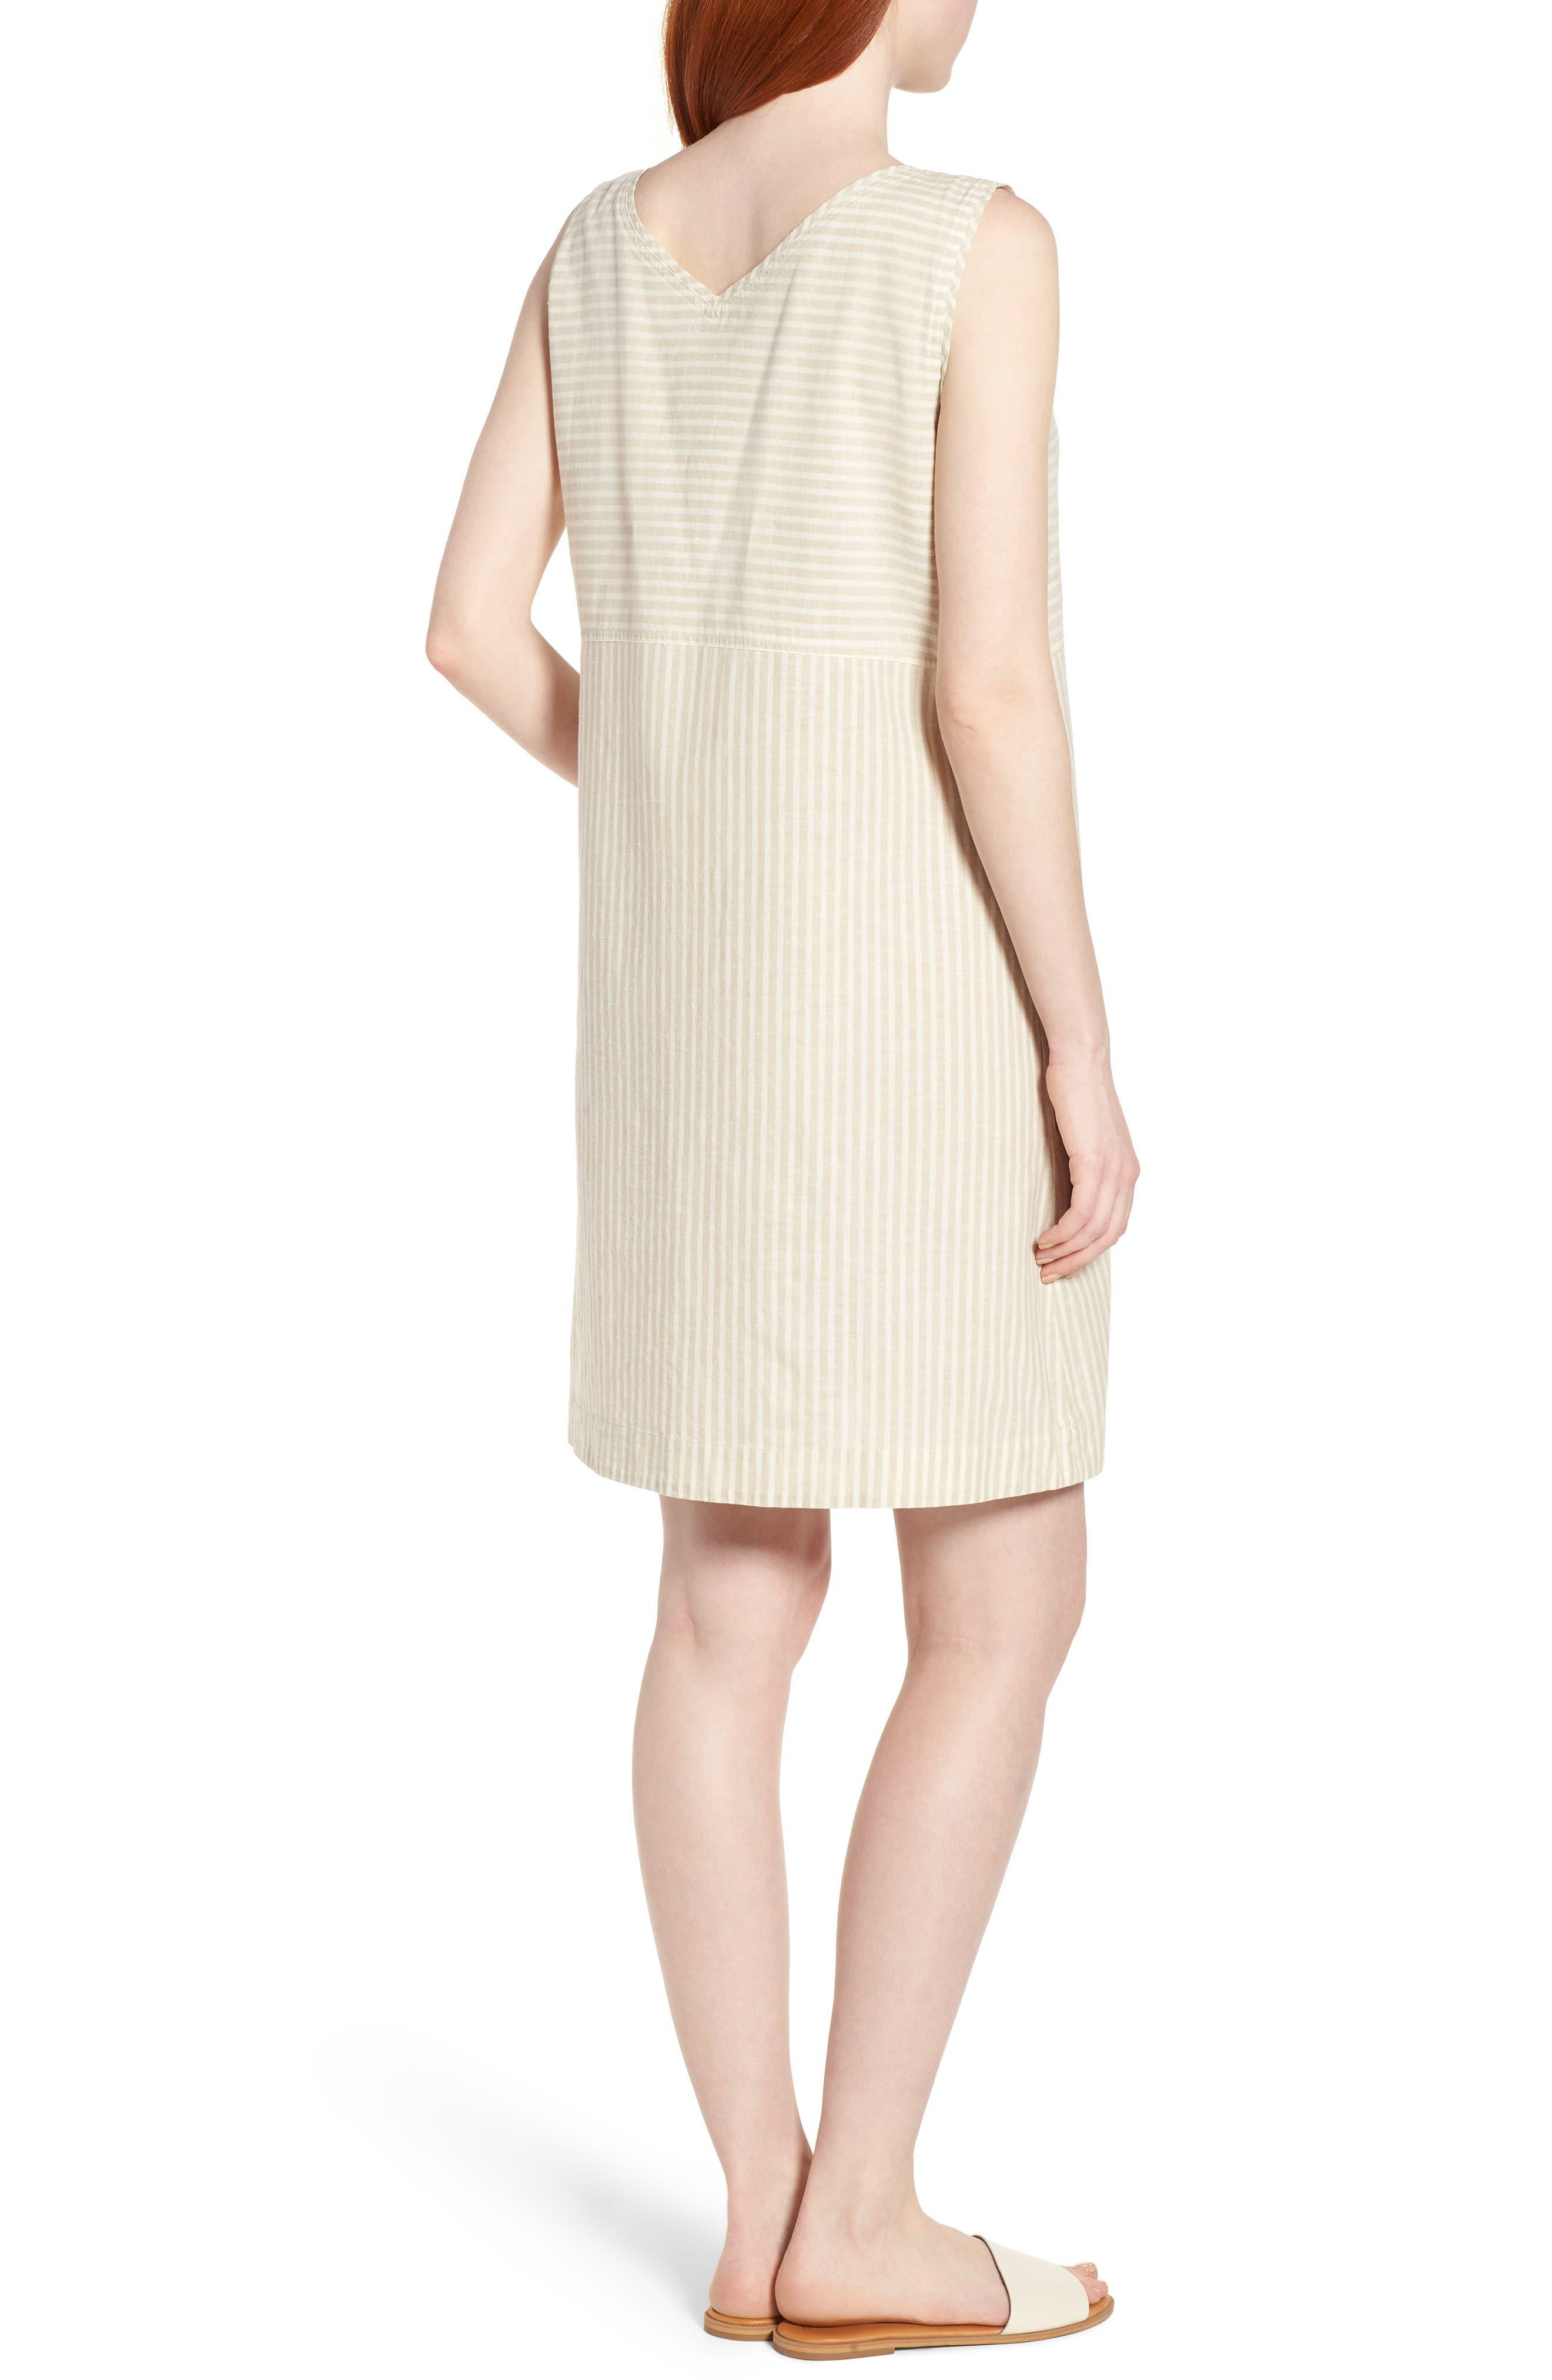 Varied Stripe Hemp & Organic Cotton Shift Dress,                             Alternate thumbnail 2, color,                             257